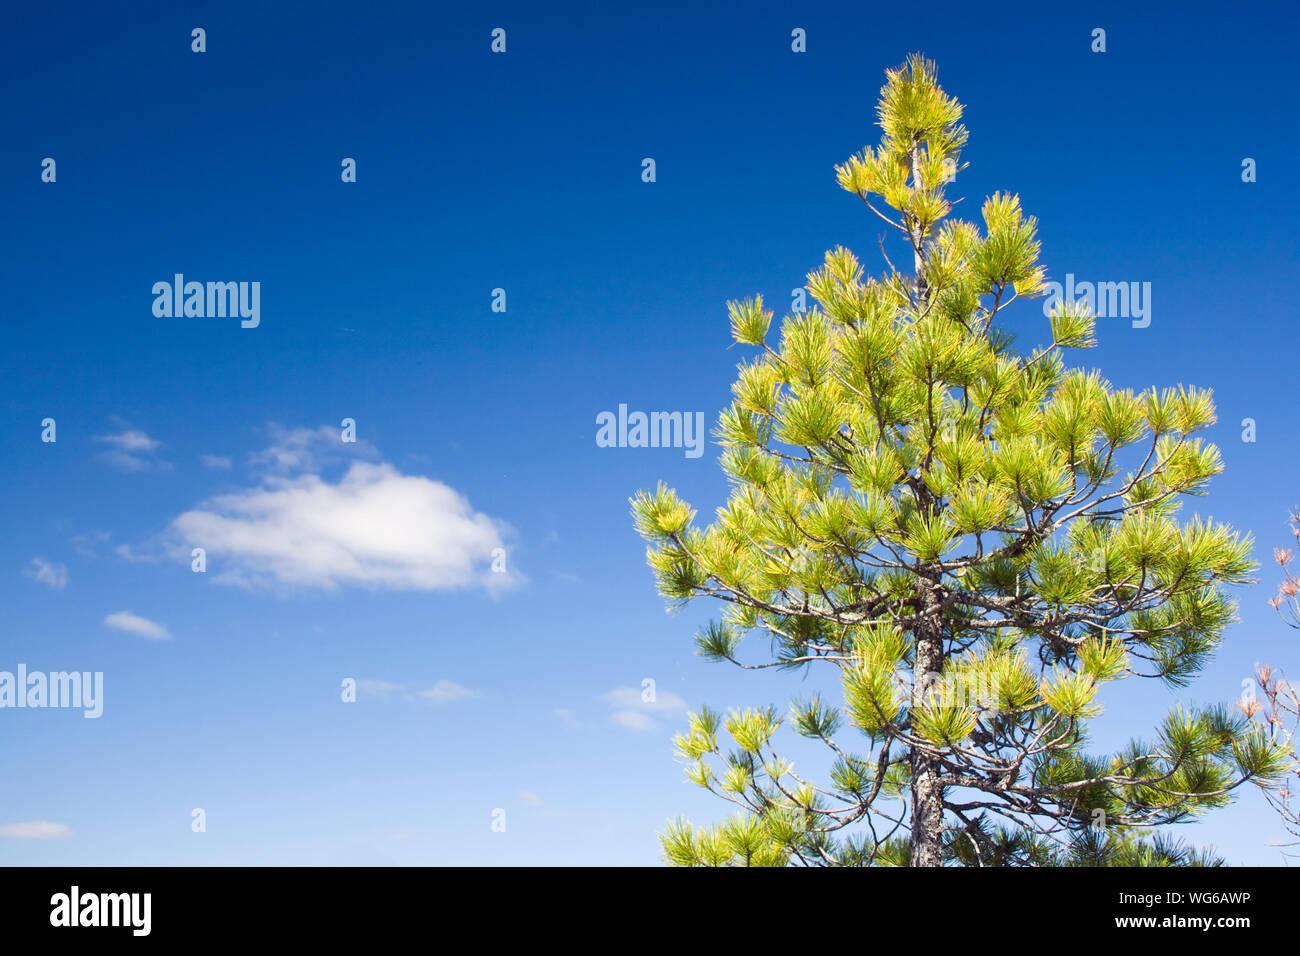 Siberian Taiga Stock Photos & Siberian Taiga Stock Images